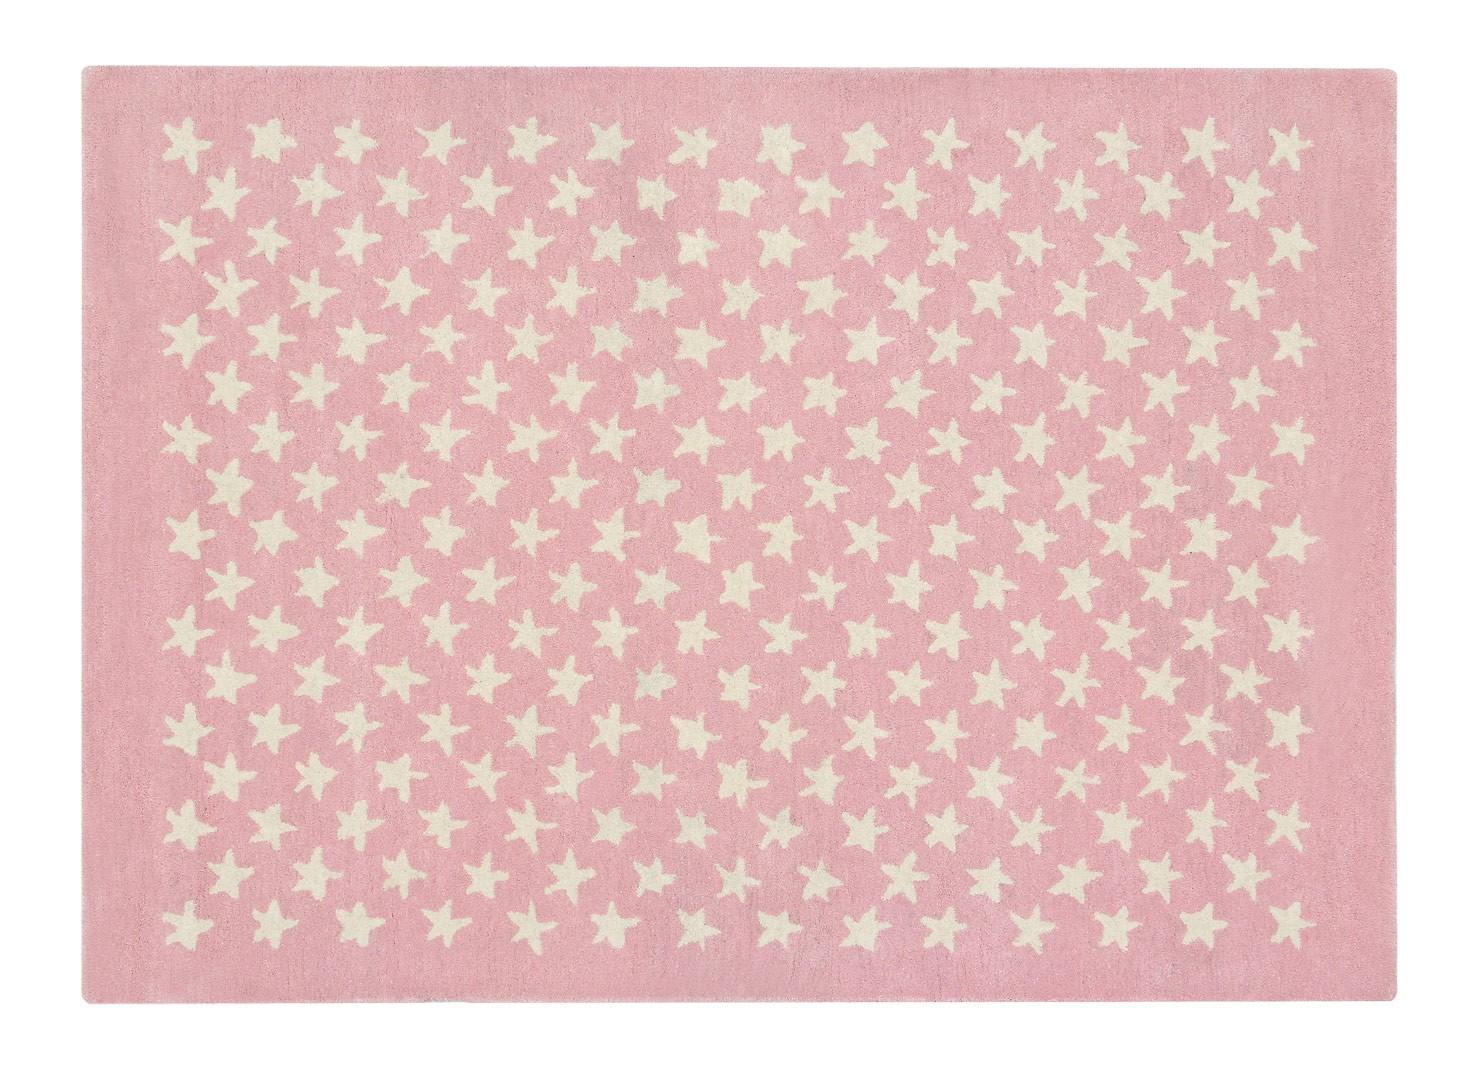 Tapis chambre enfant laine et coton Little Star Lorena Canals